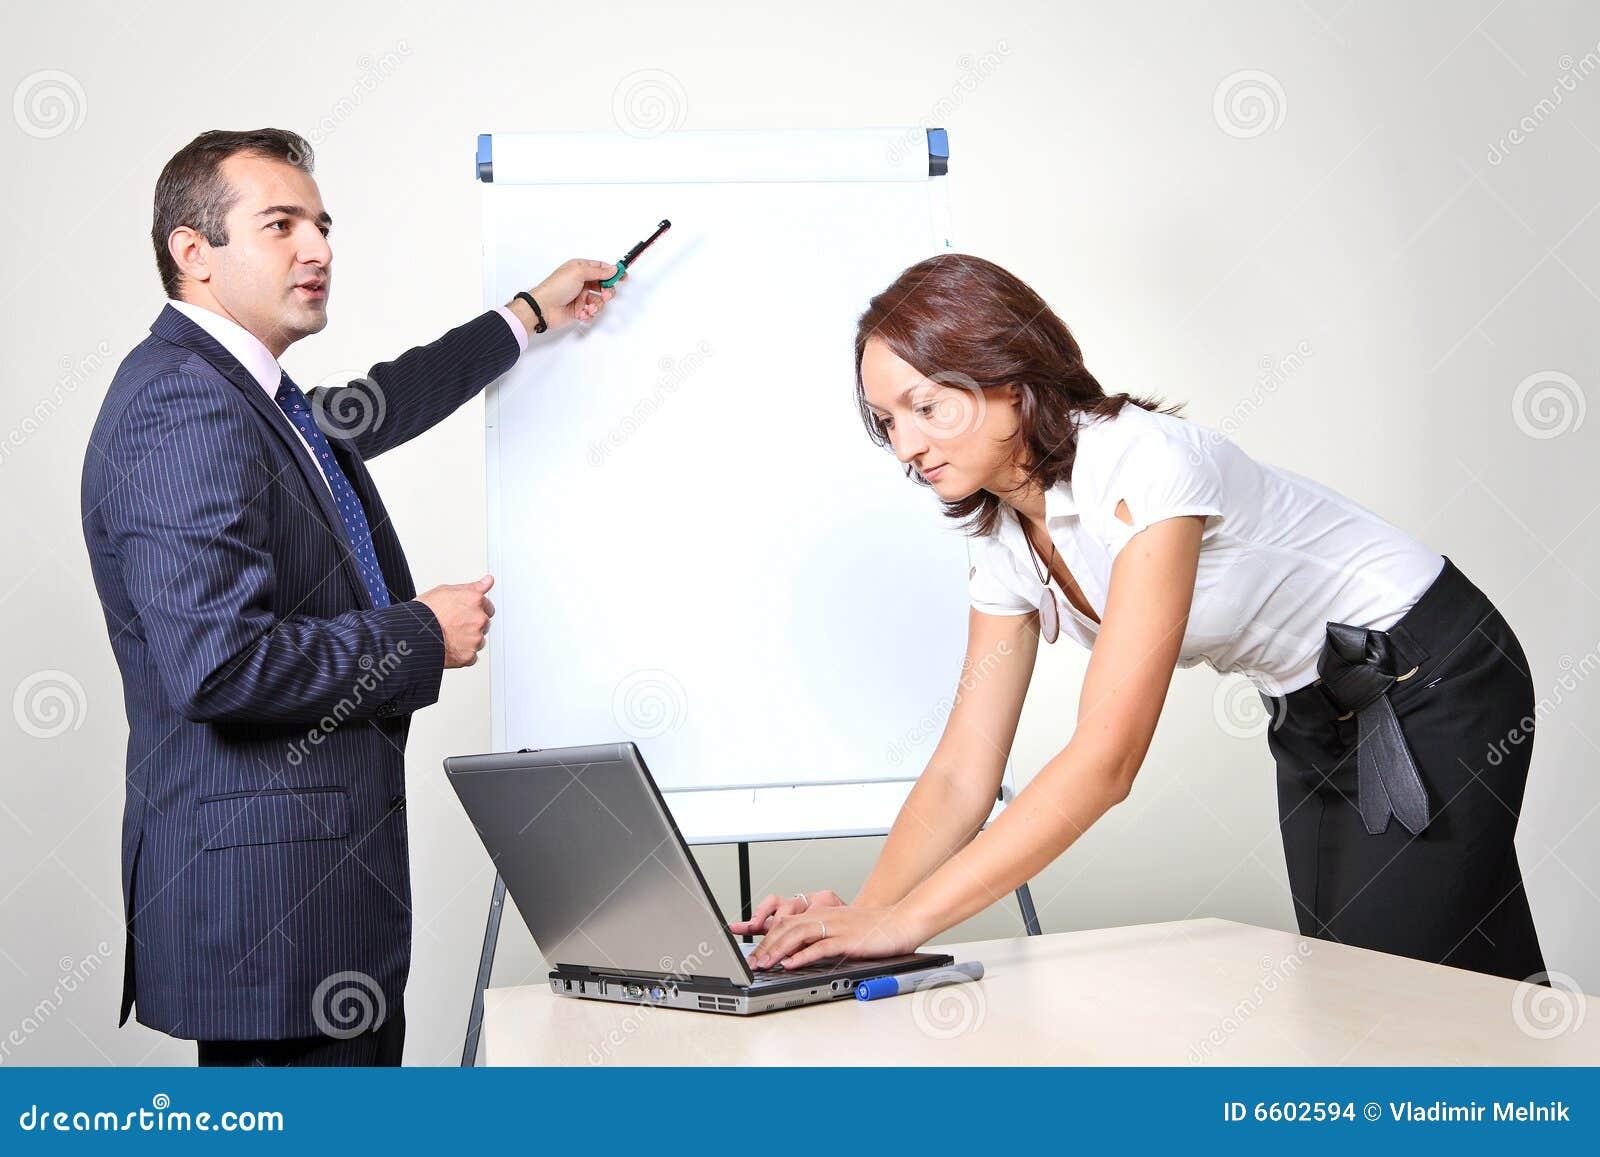 办公室介绍二工作者